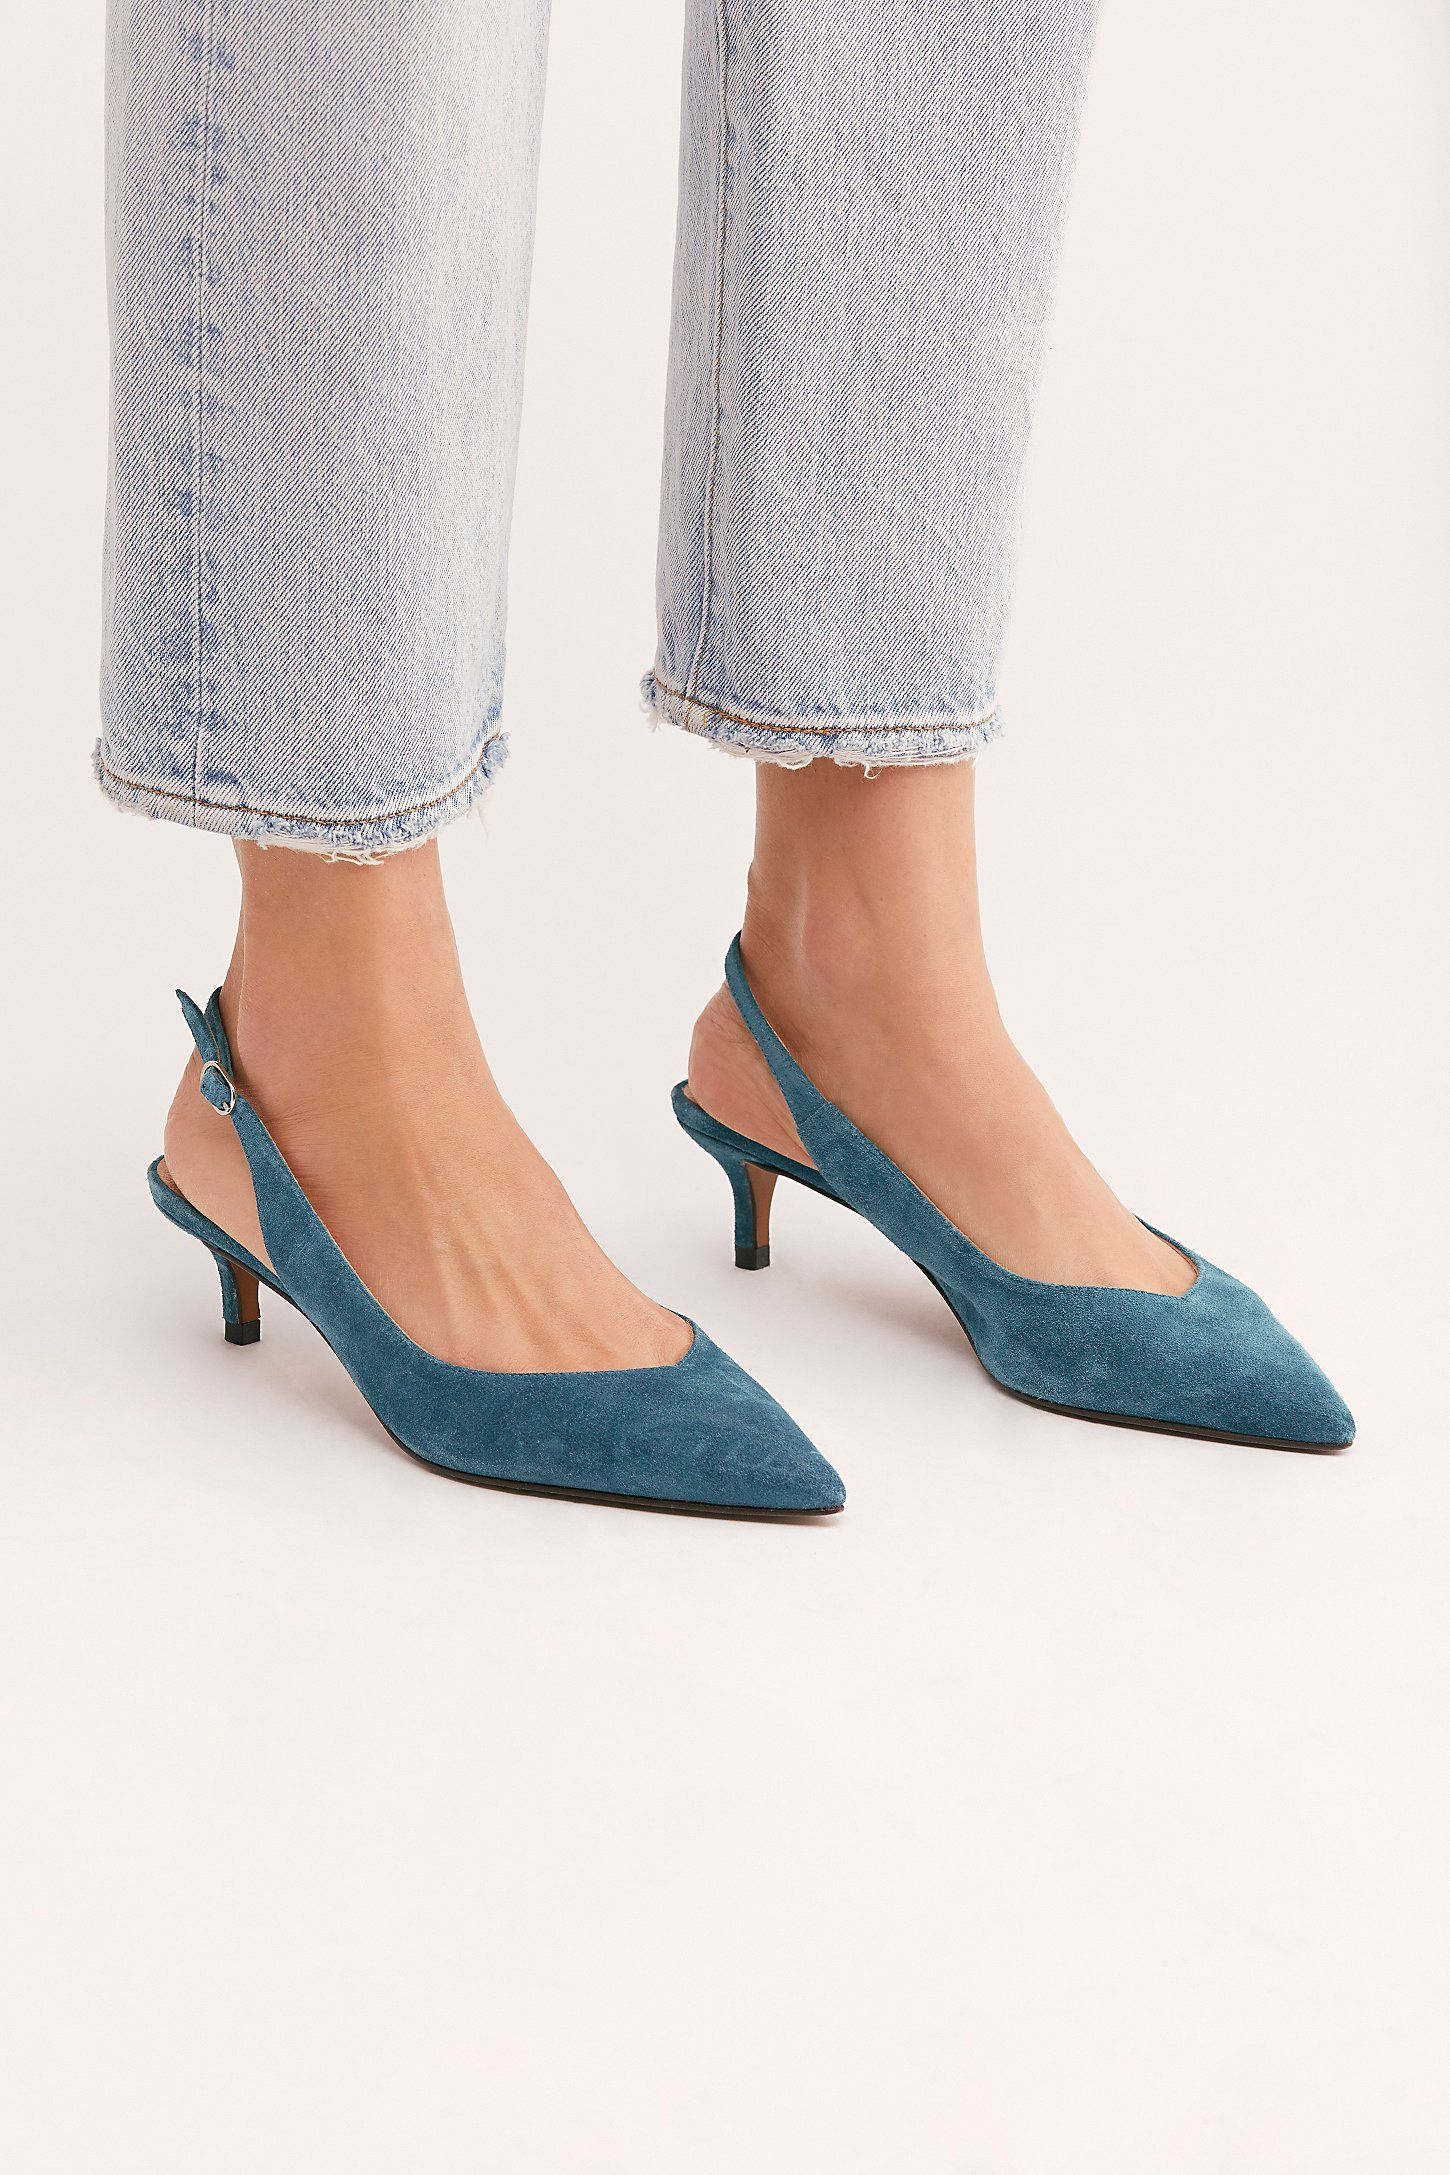 Juliet Kitten Heels Heels Kitten Heels Shoes